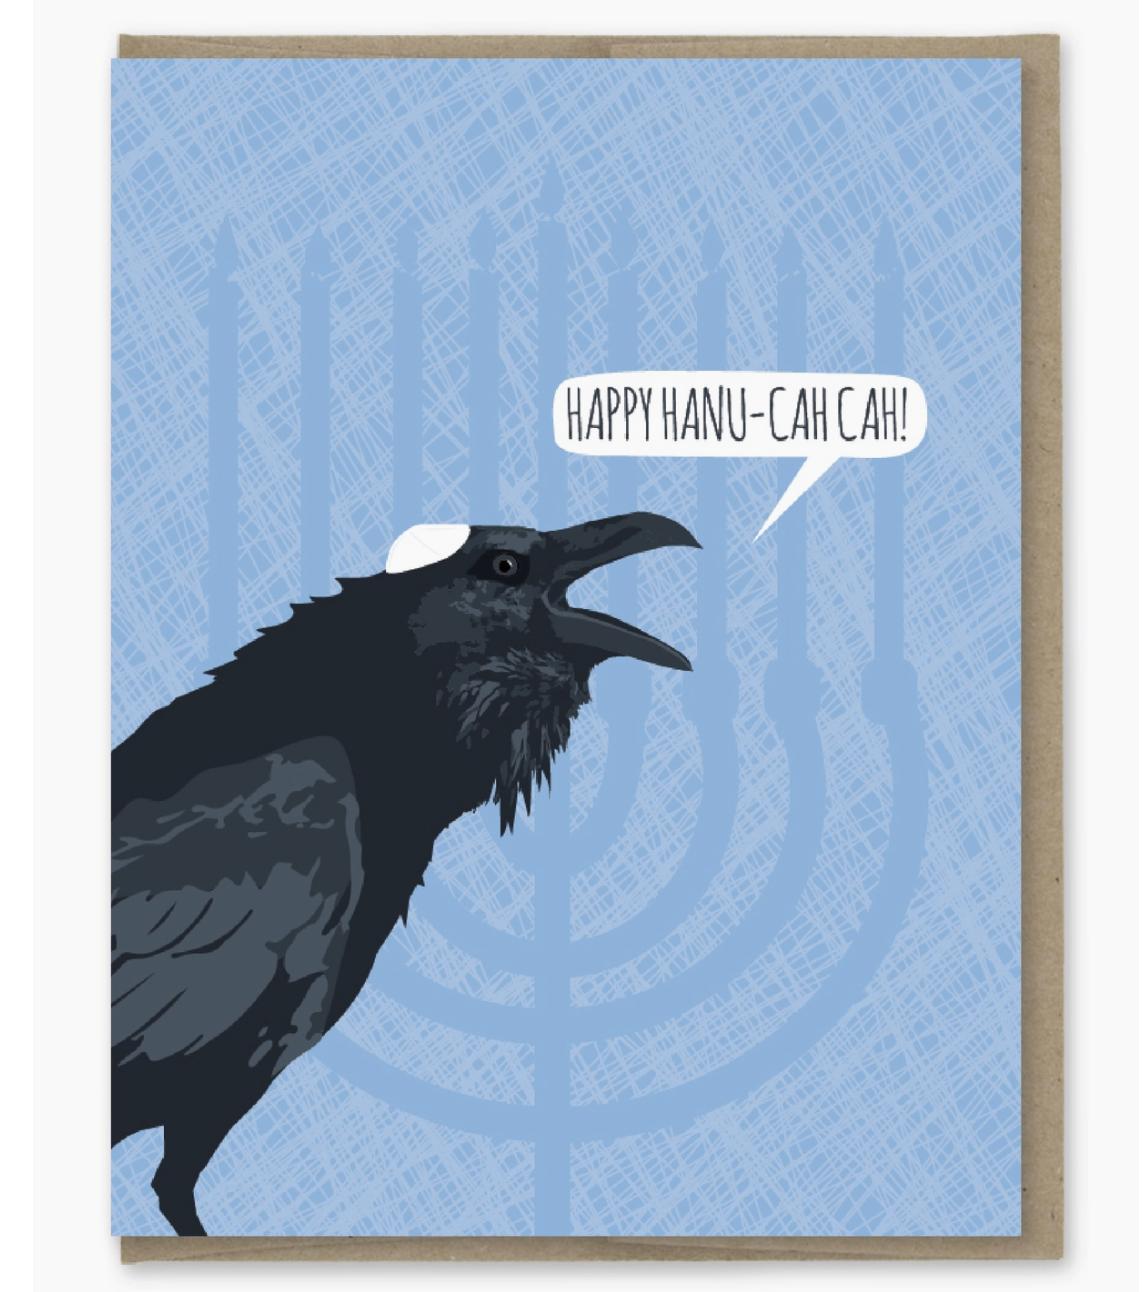 Modern Printed Matter Happy Hanukkah Card (Hanu-cah Cah)